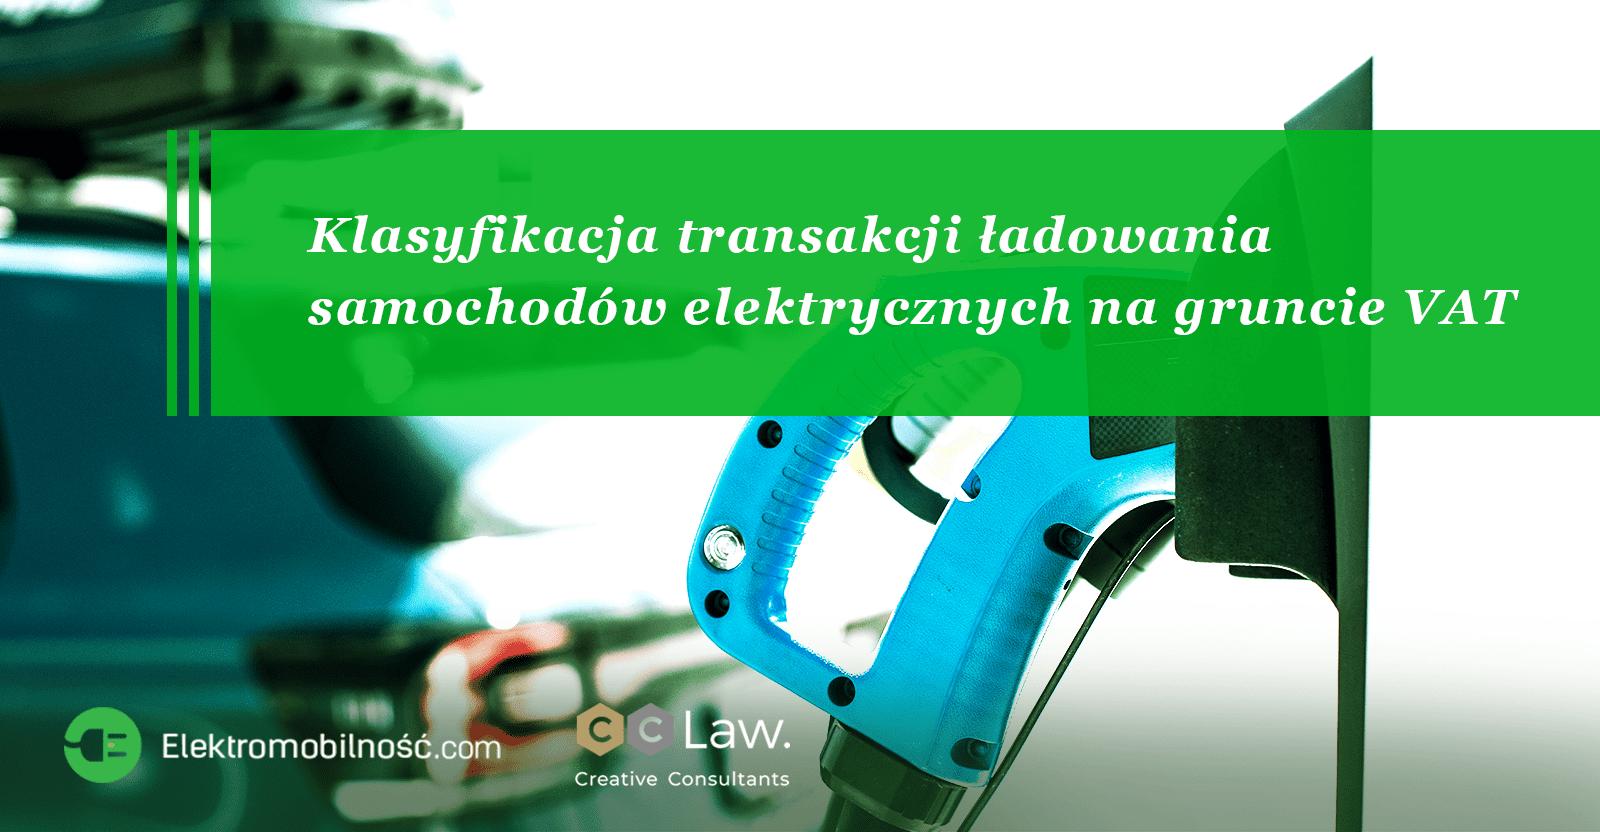 Klasyfikacja transakcji ładowania samochodów elektrycznych na gruncie VAT